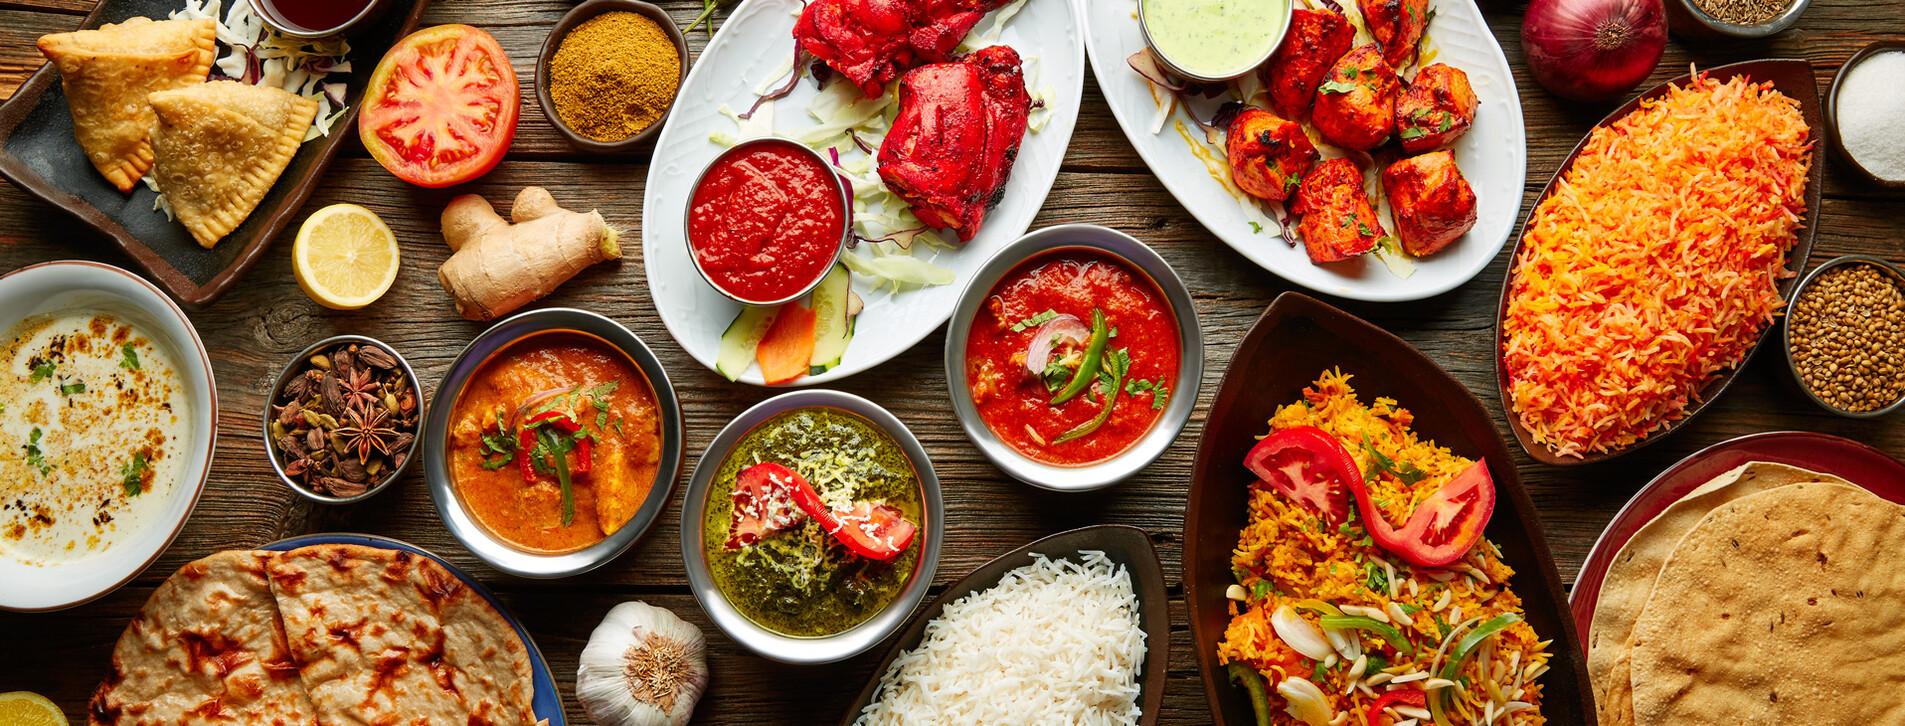 Фото 1 - Ужин в индийском ресторане